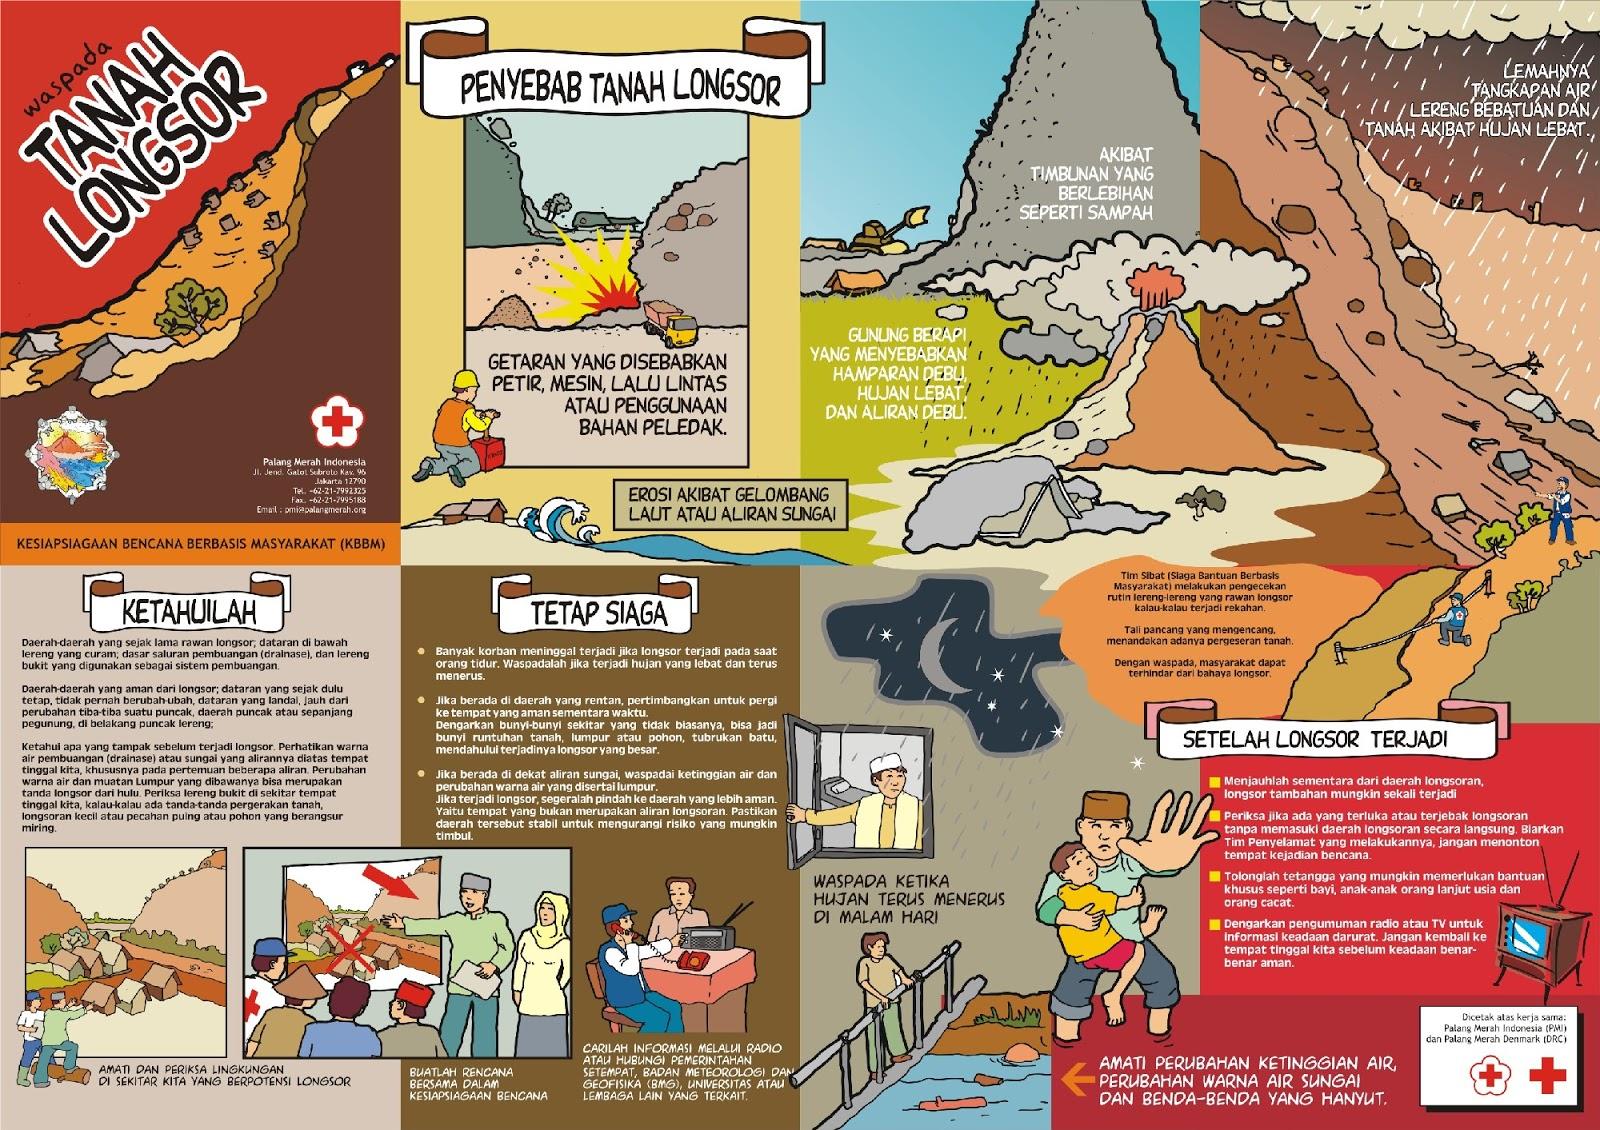 Wahana Kreatifitas PMR SMKN 9 Bandung Poster Bencana